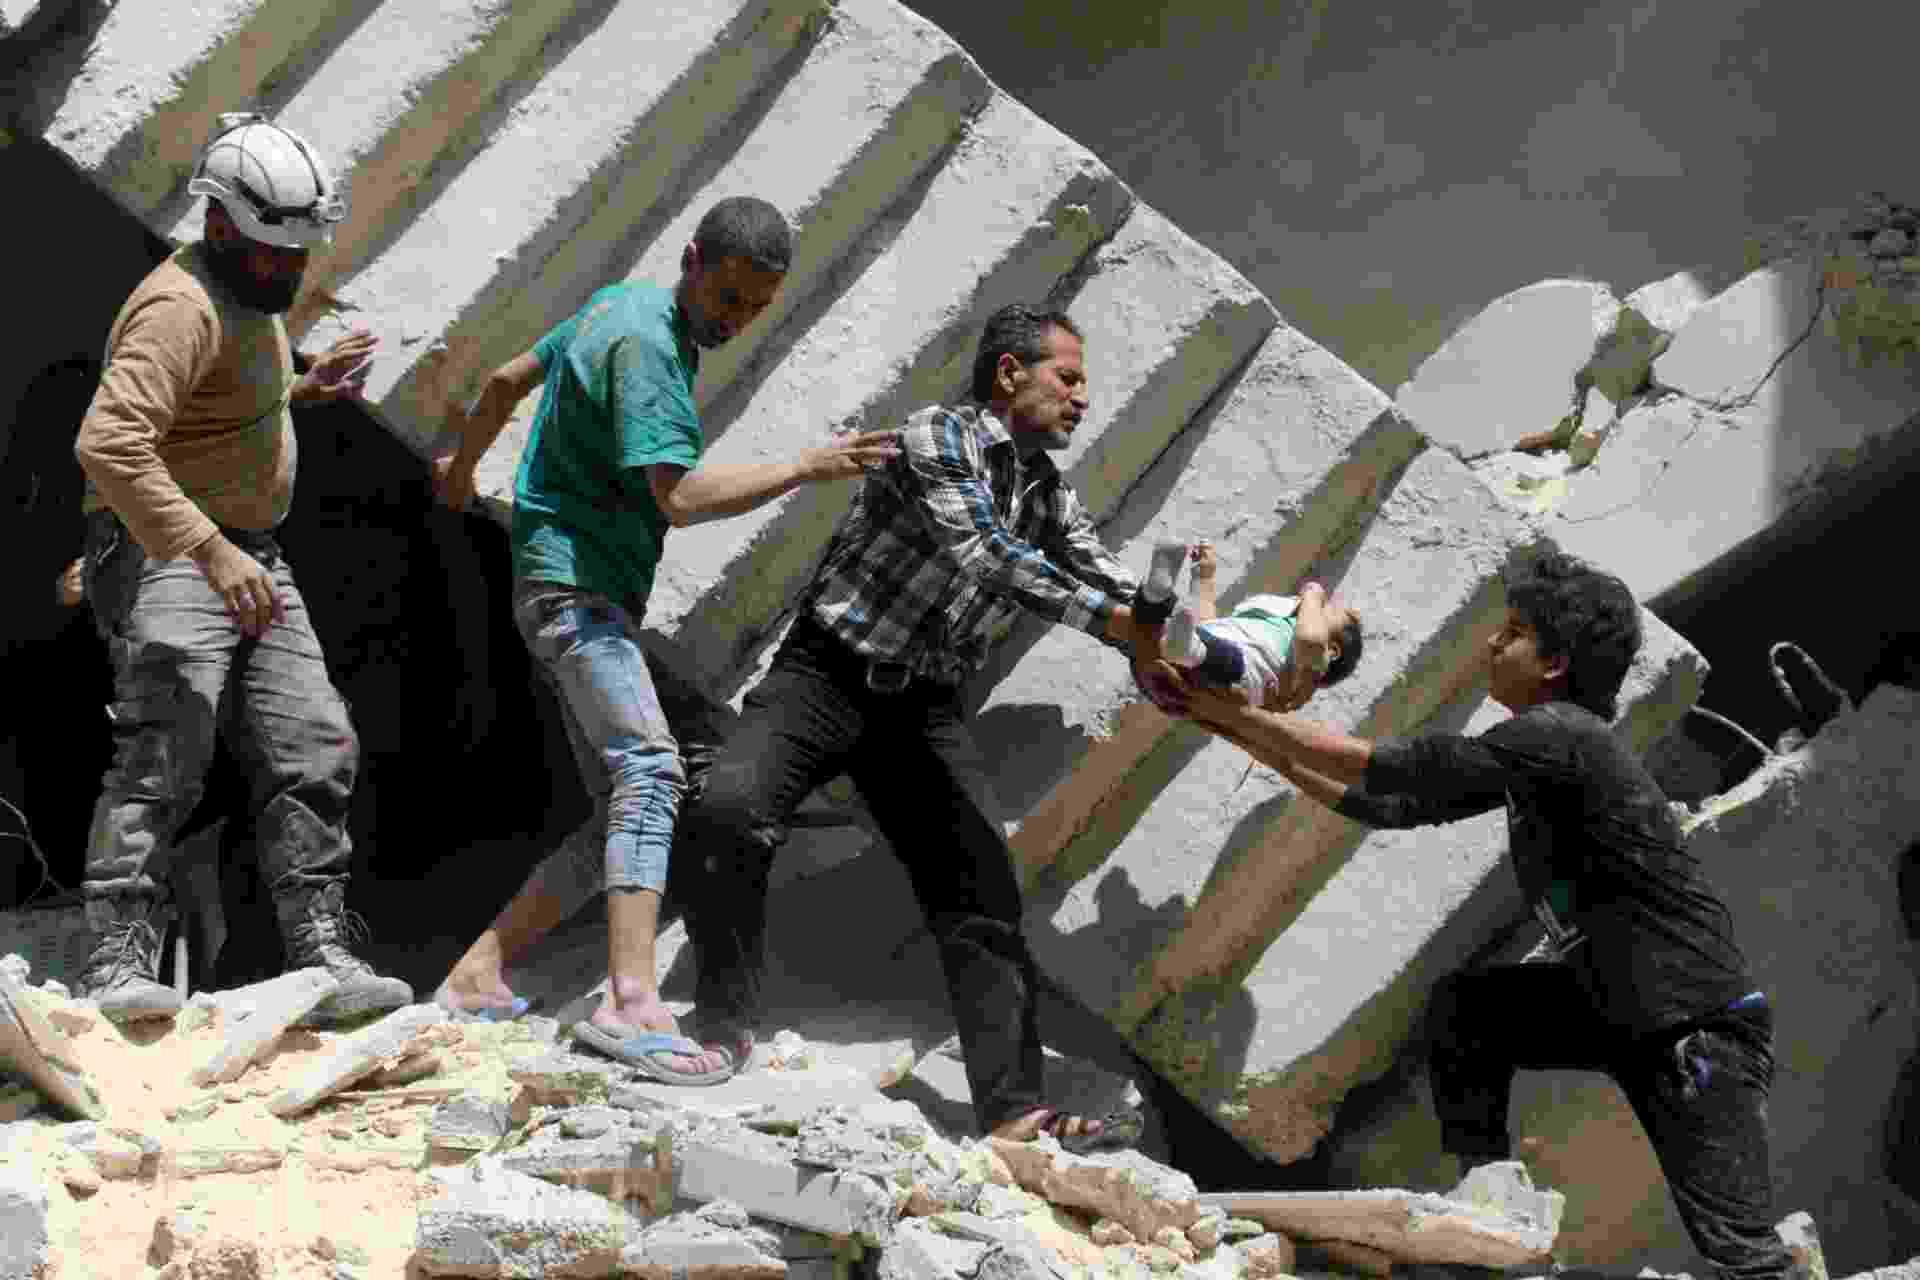 28.abr.2016 - Bebê é carregado depois de bombardeiro em hospital de Aleppo, ao norte Síria. Pelo menos 27 pessoas morreram, entre elas o último pediatra que havia na região controlada pelos rebeldes - Ameer Alhabi/AFP